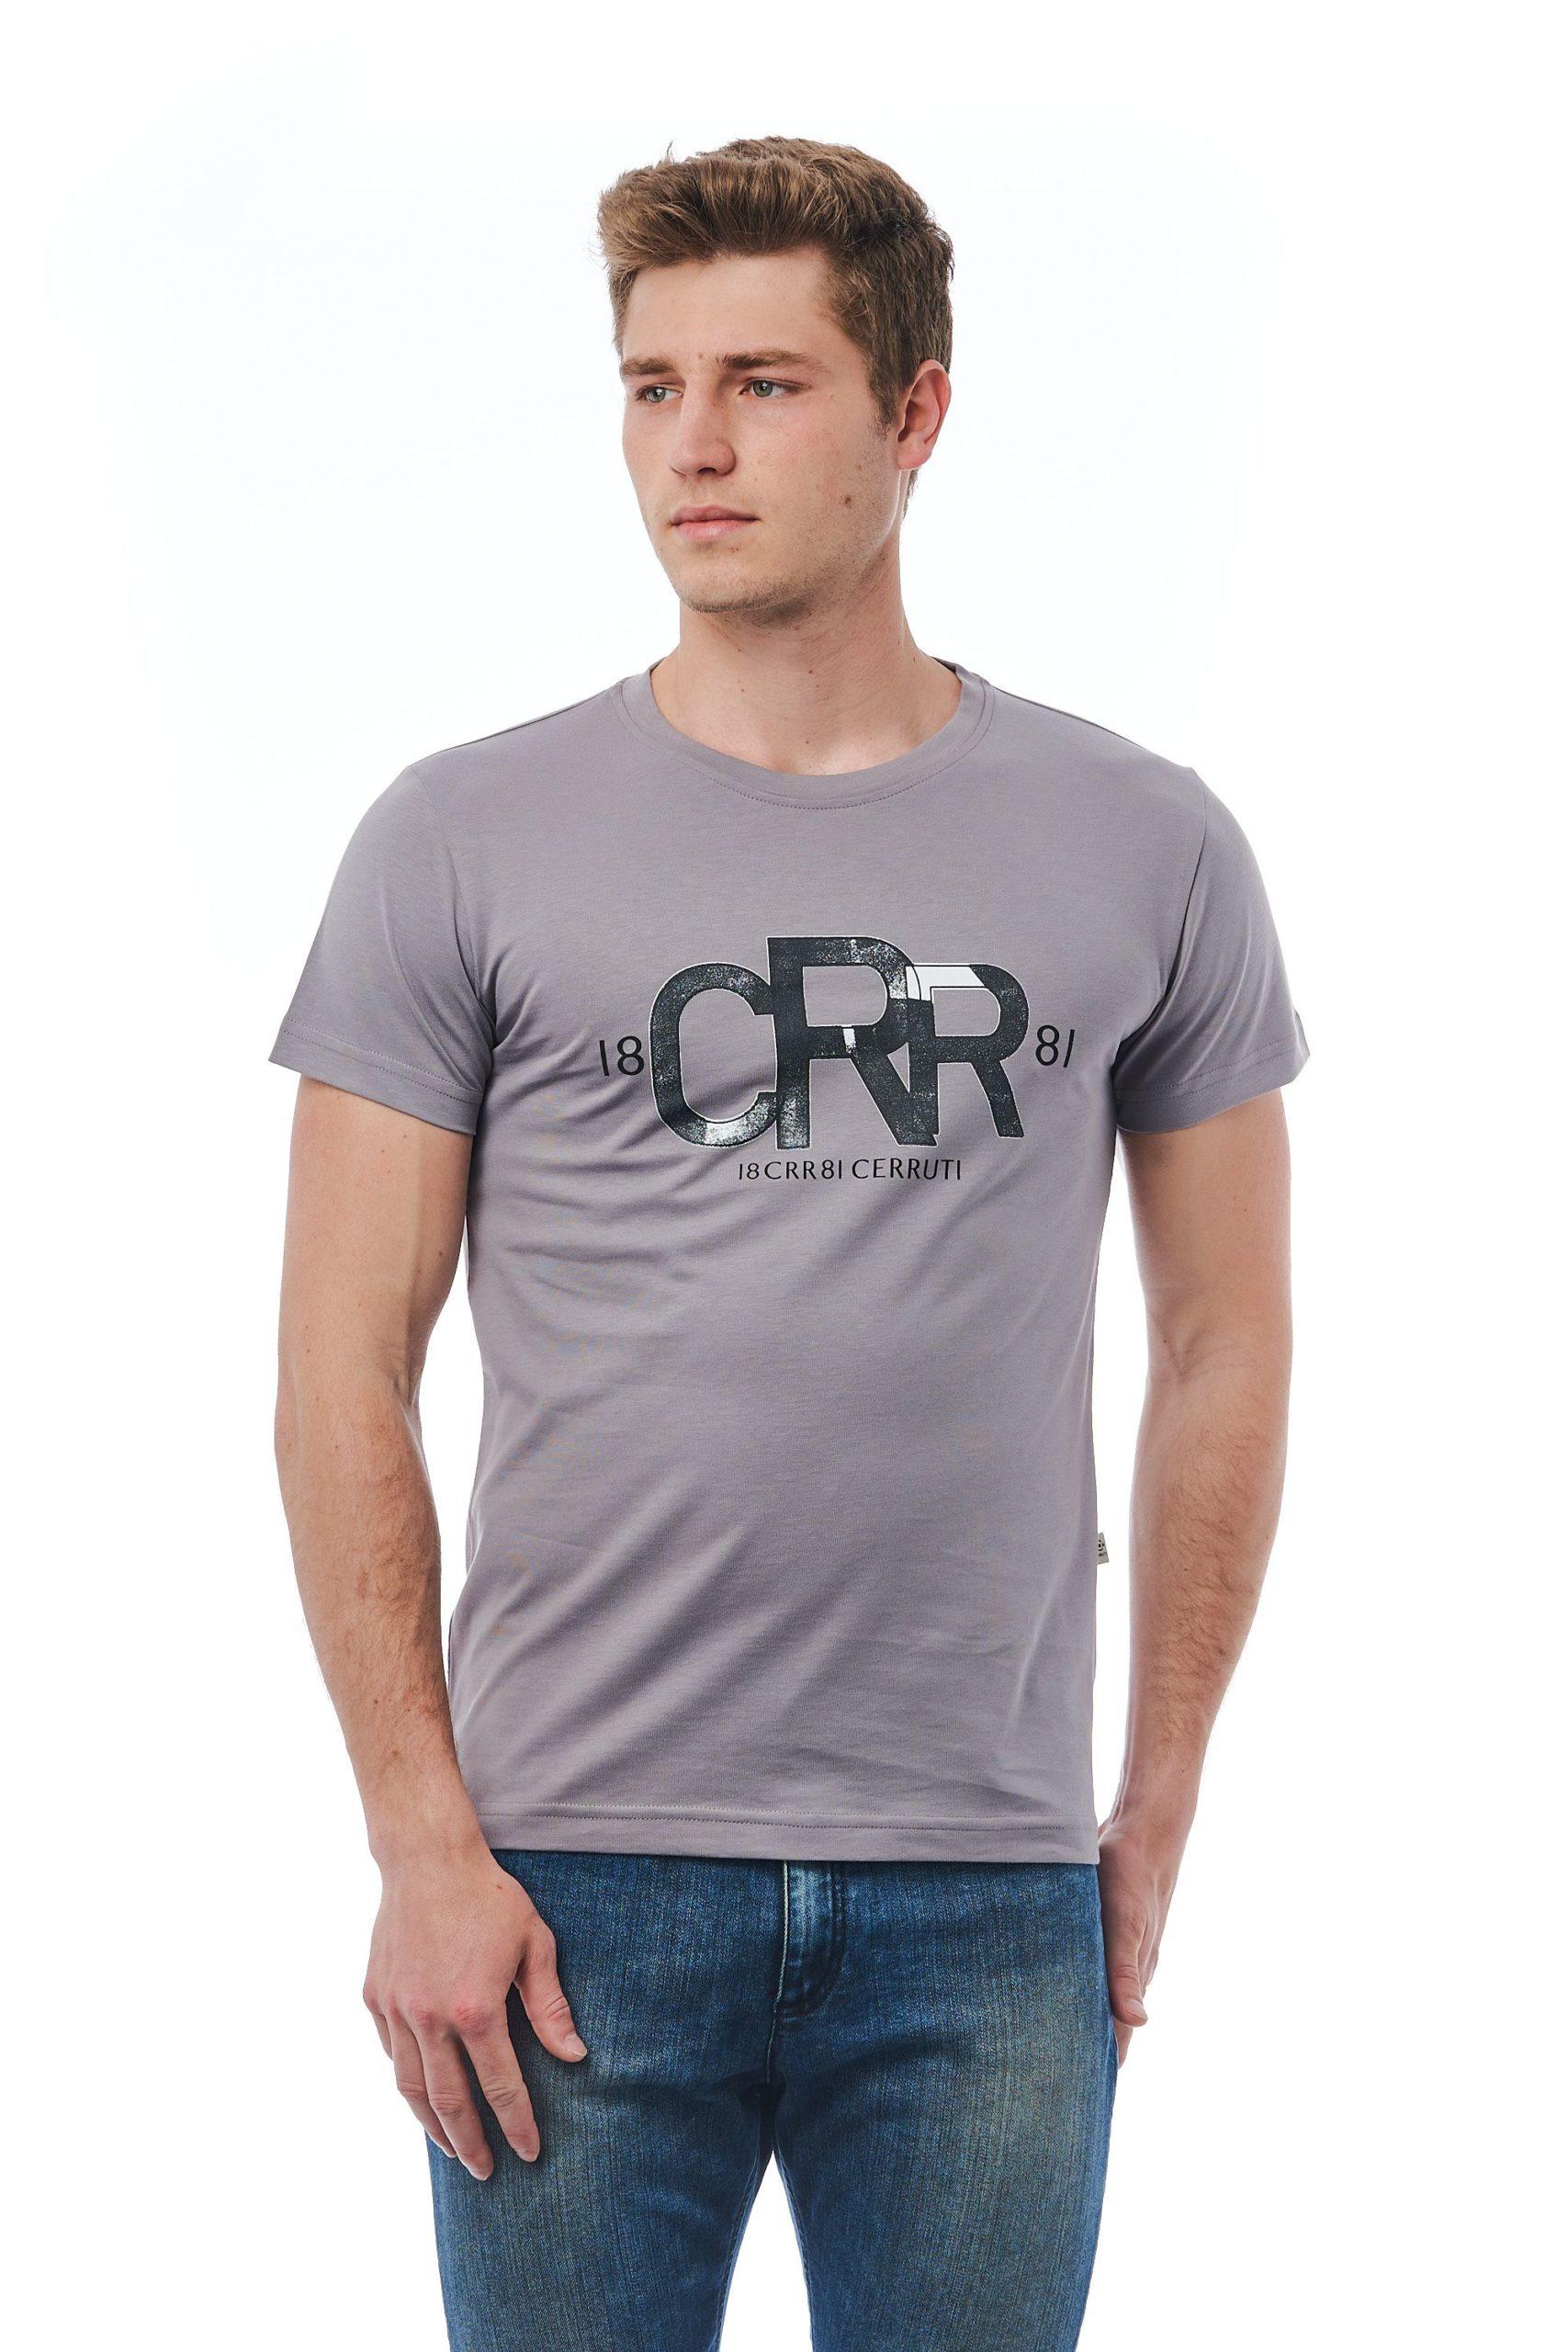 Cerruti 1881 Men's Grigio T-Shirt Grey CE1409906 - M